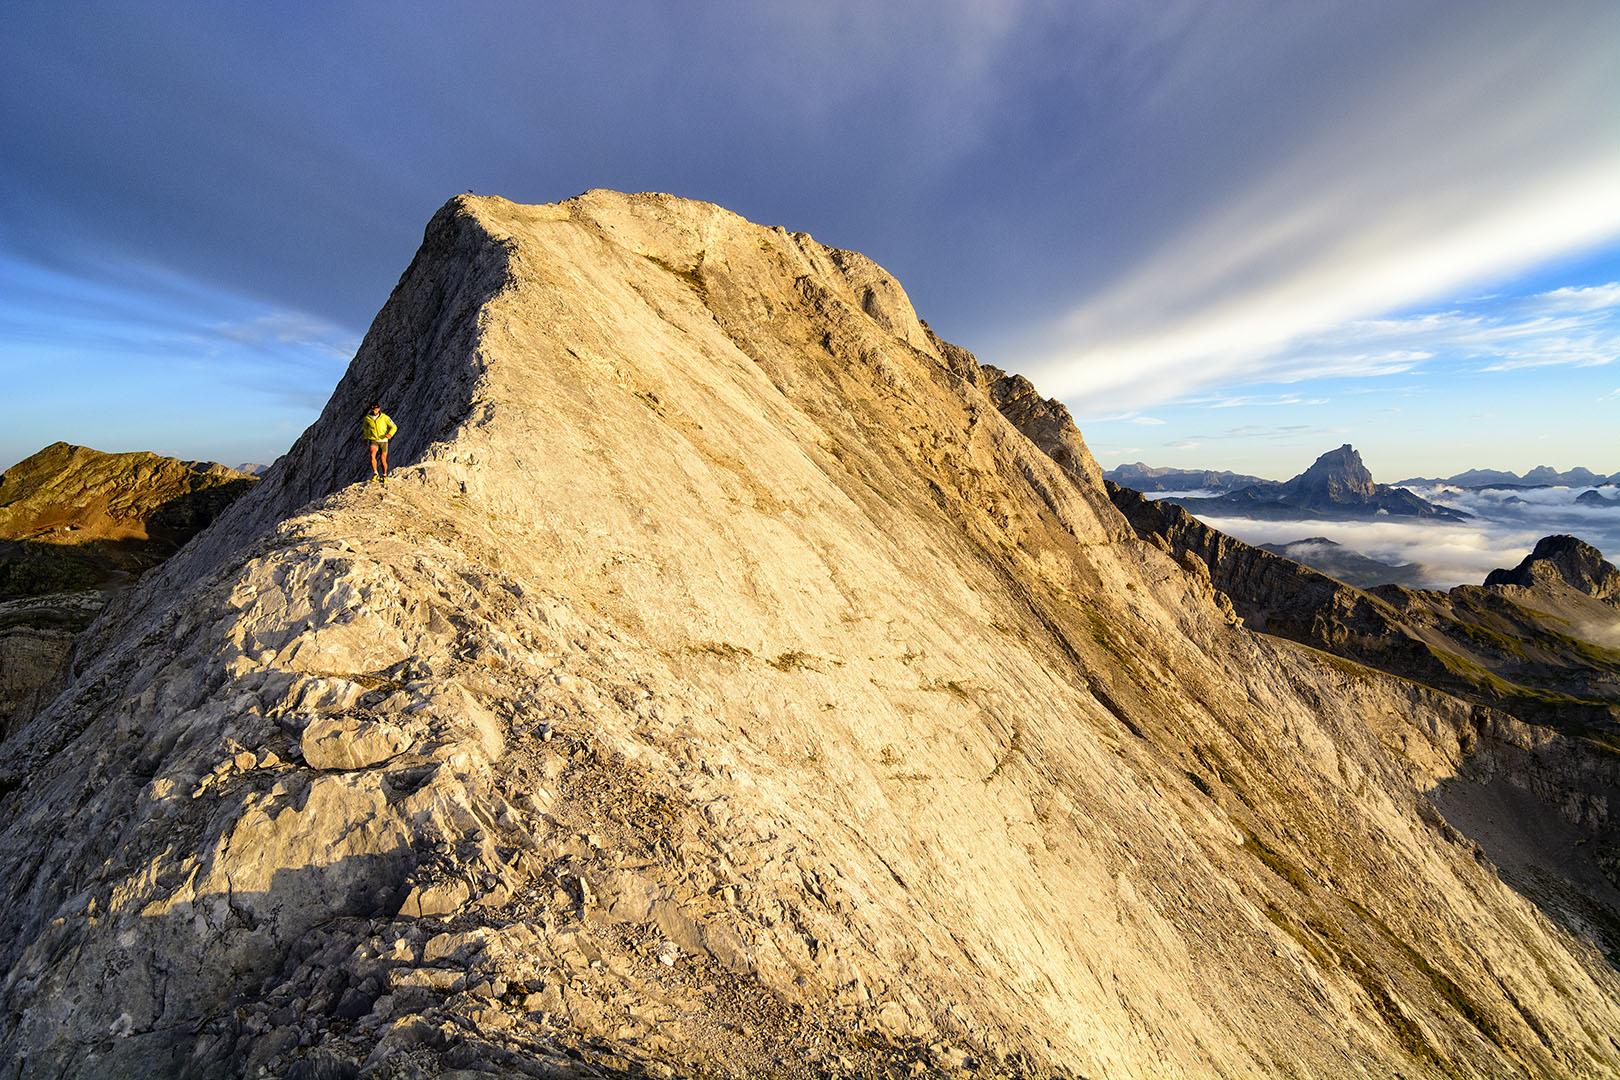 Trail al filo del abismo - Deportes y aventuras - Iñaki Larrea, Fotografía de naturaleza y montaña